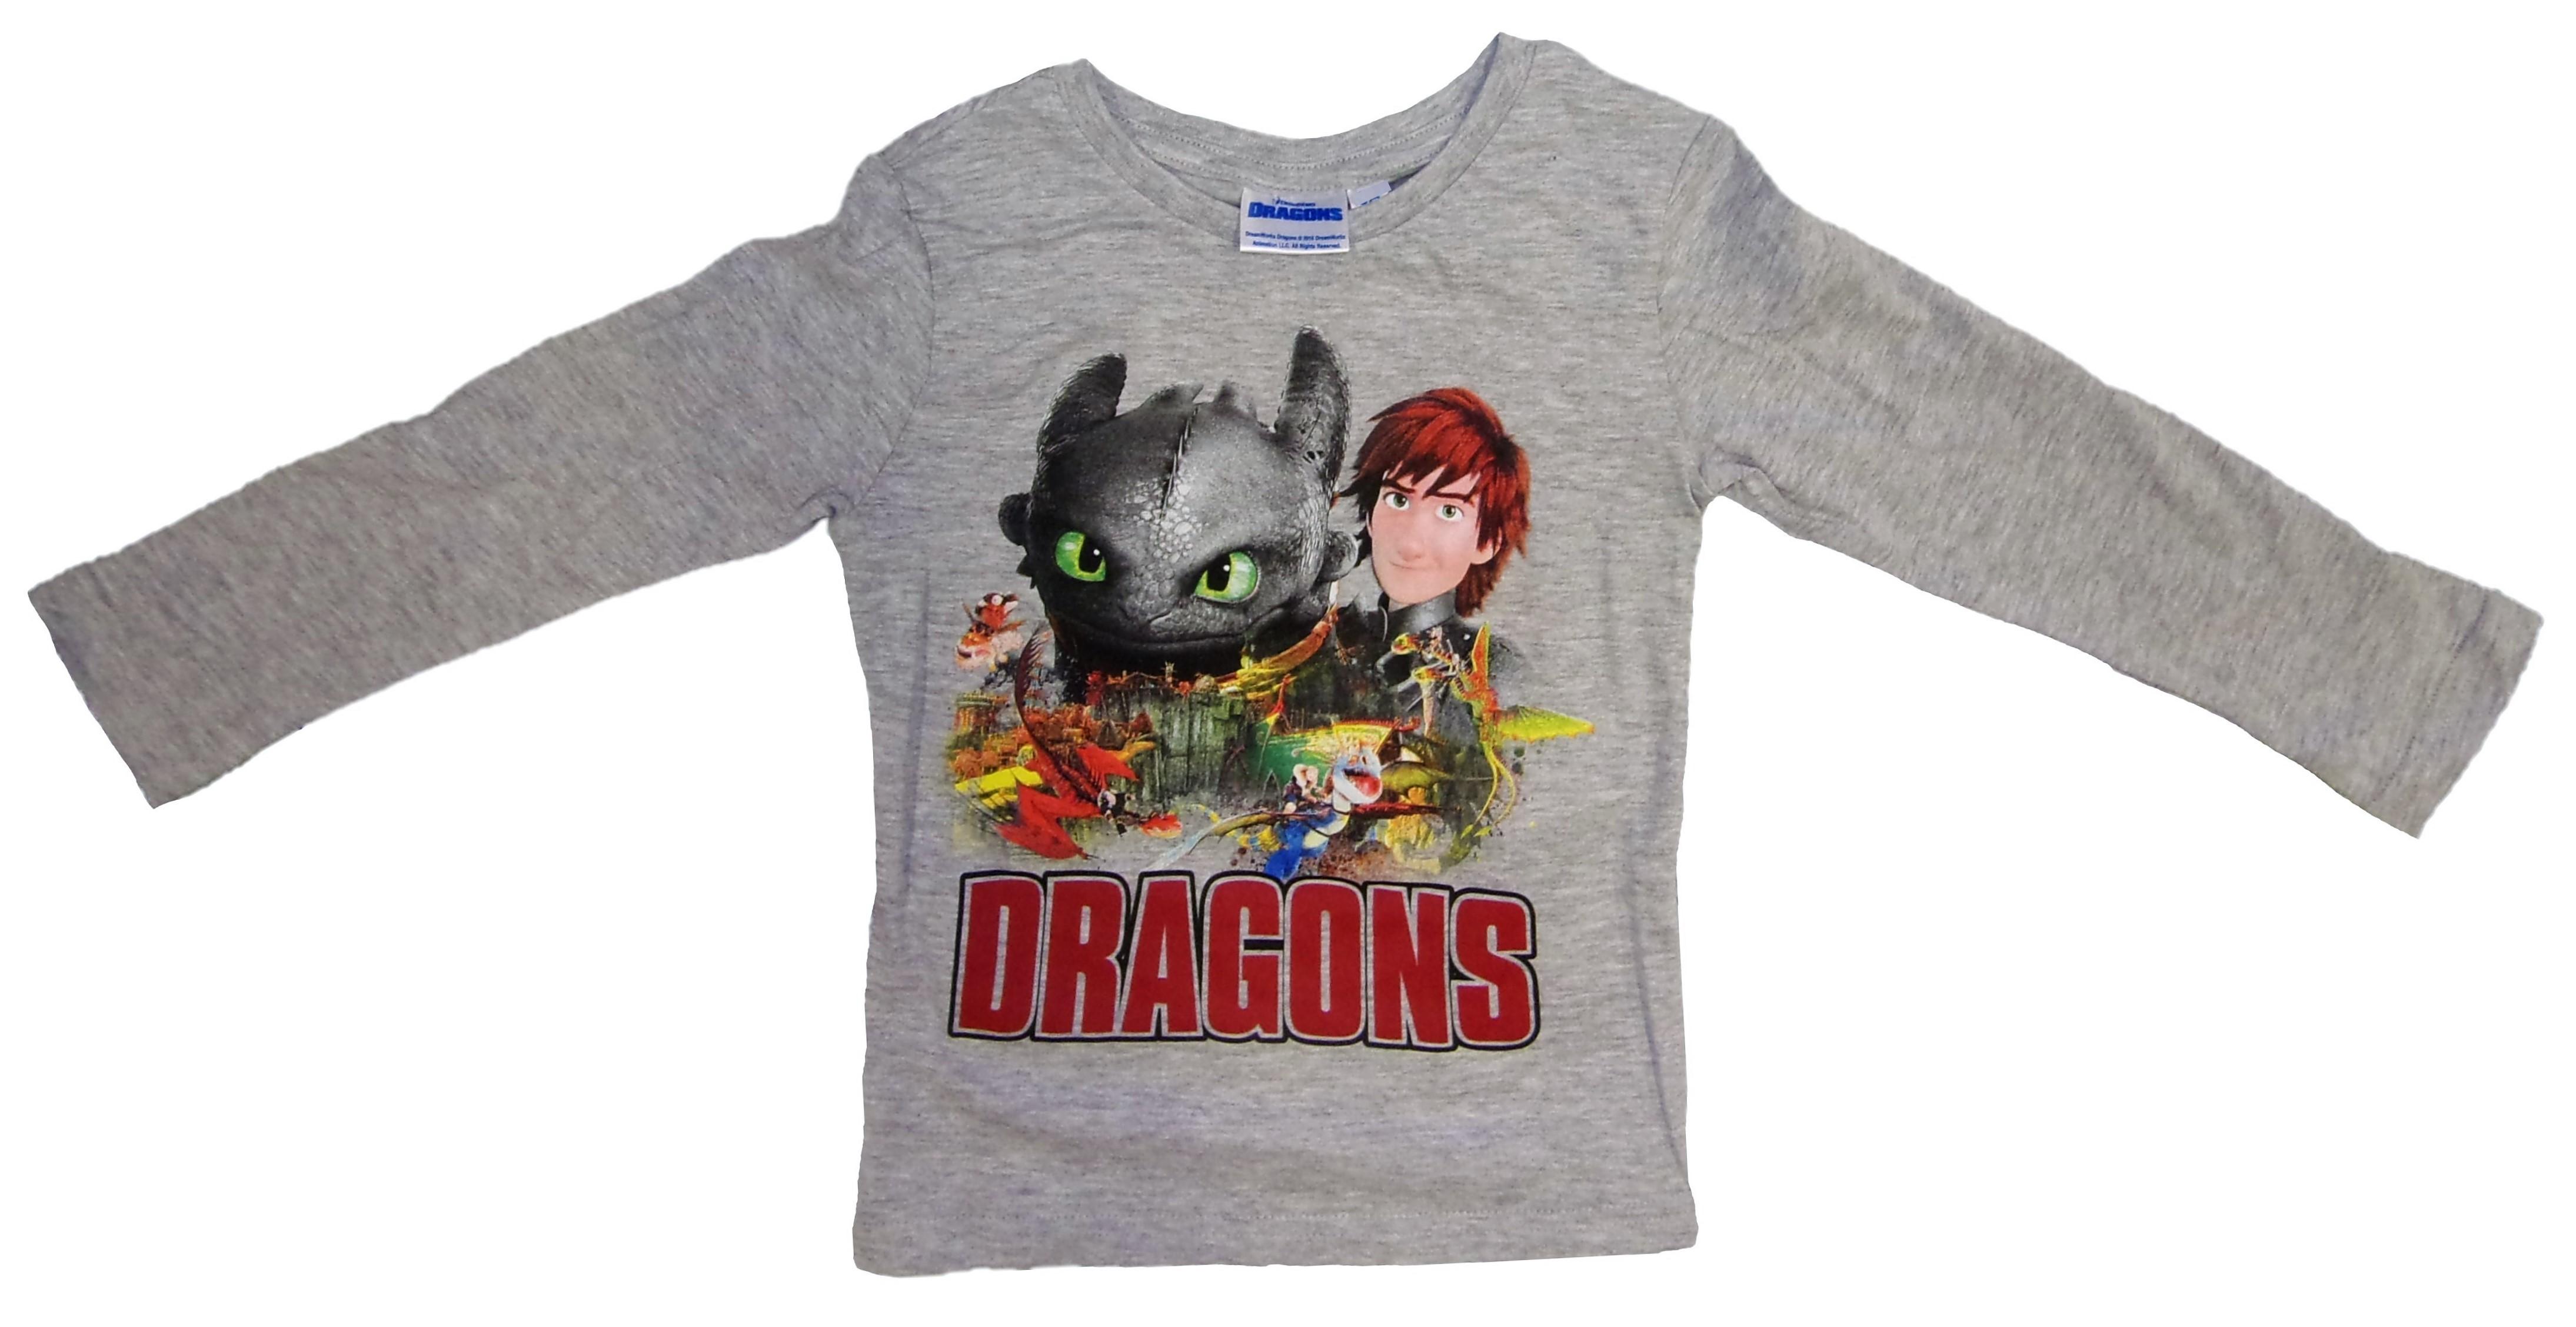 DreamWorks Dragons Langarm-Shirt für Kinder grau versch. Größen (Auswahl)